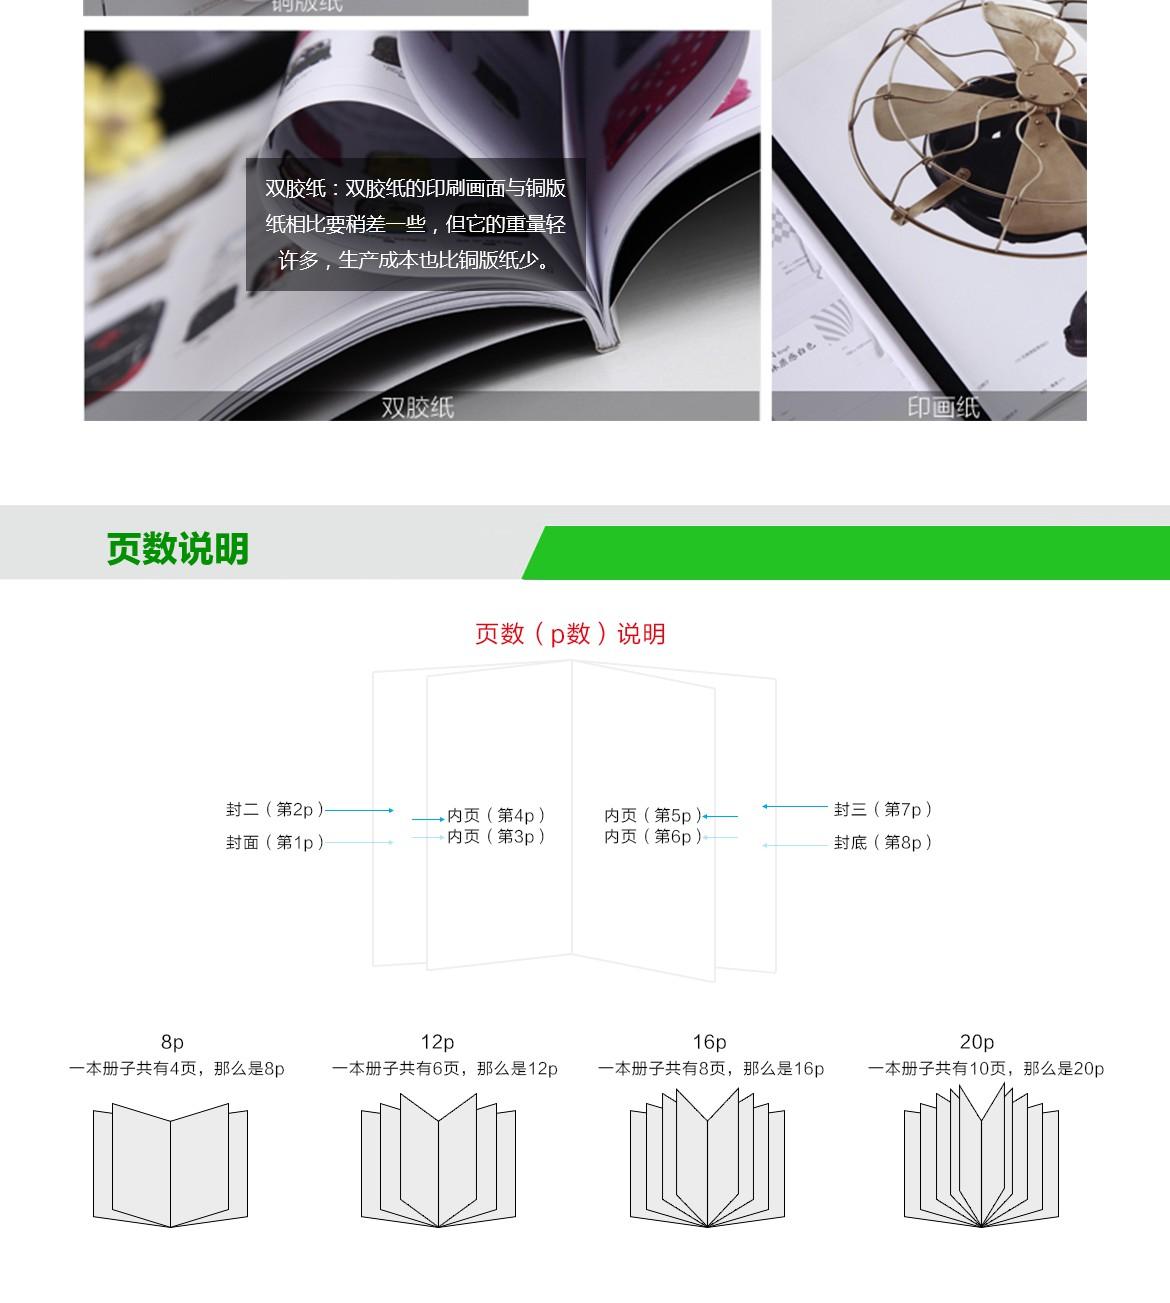 四川杂志印刷厂